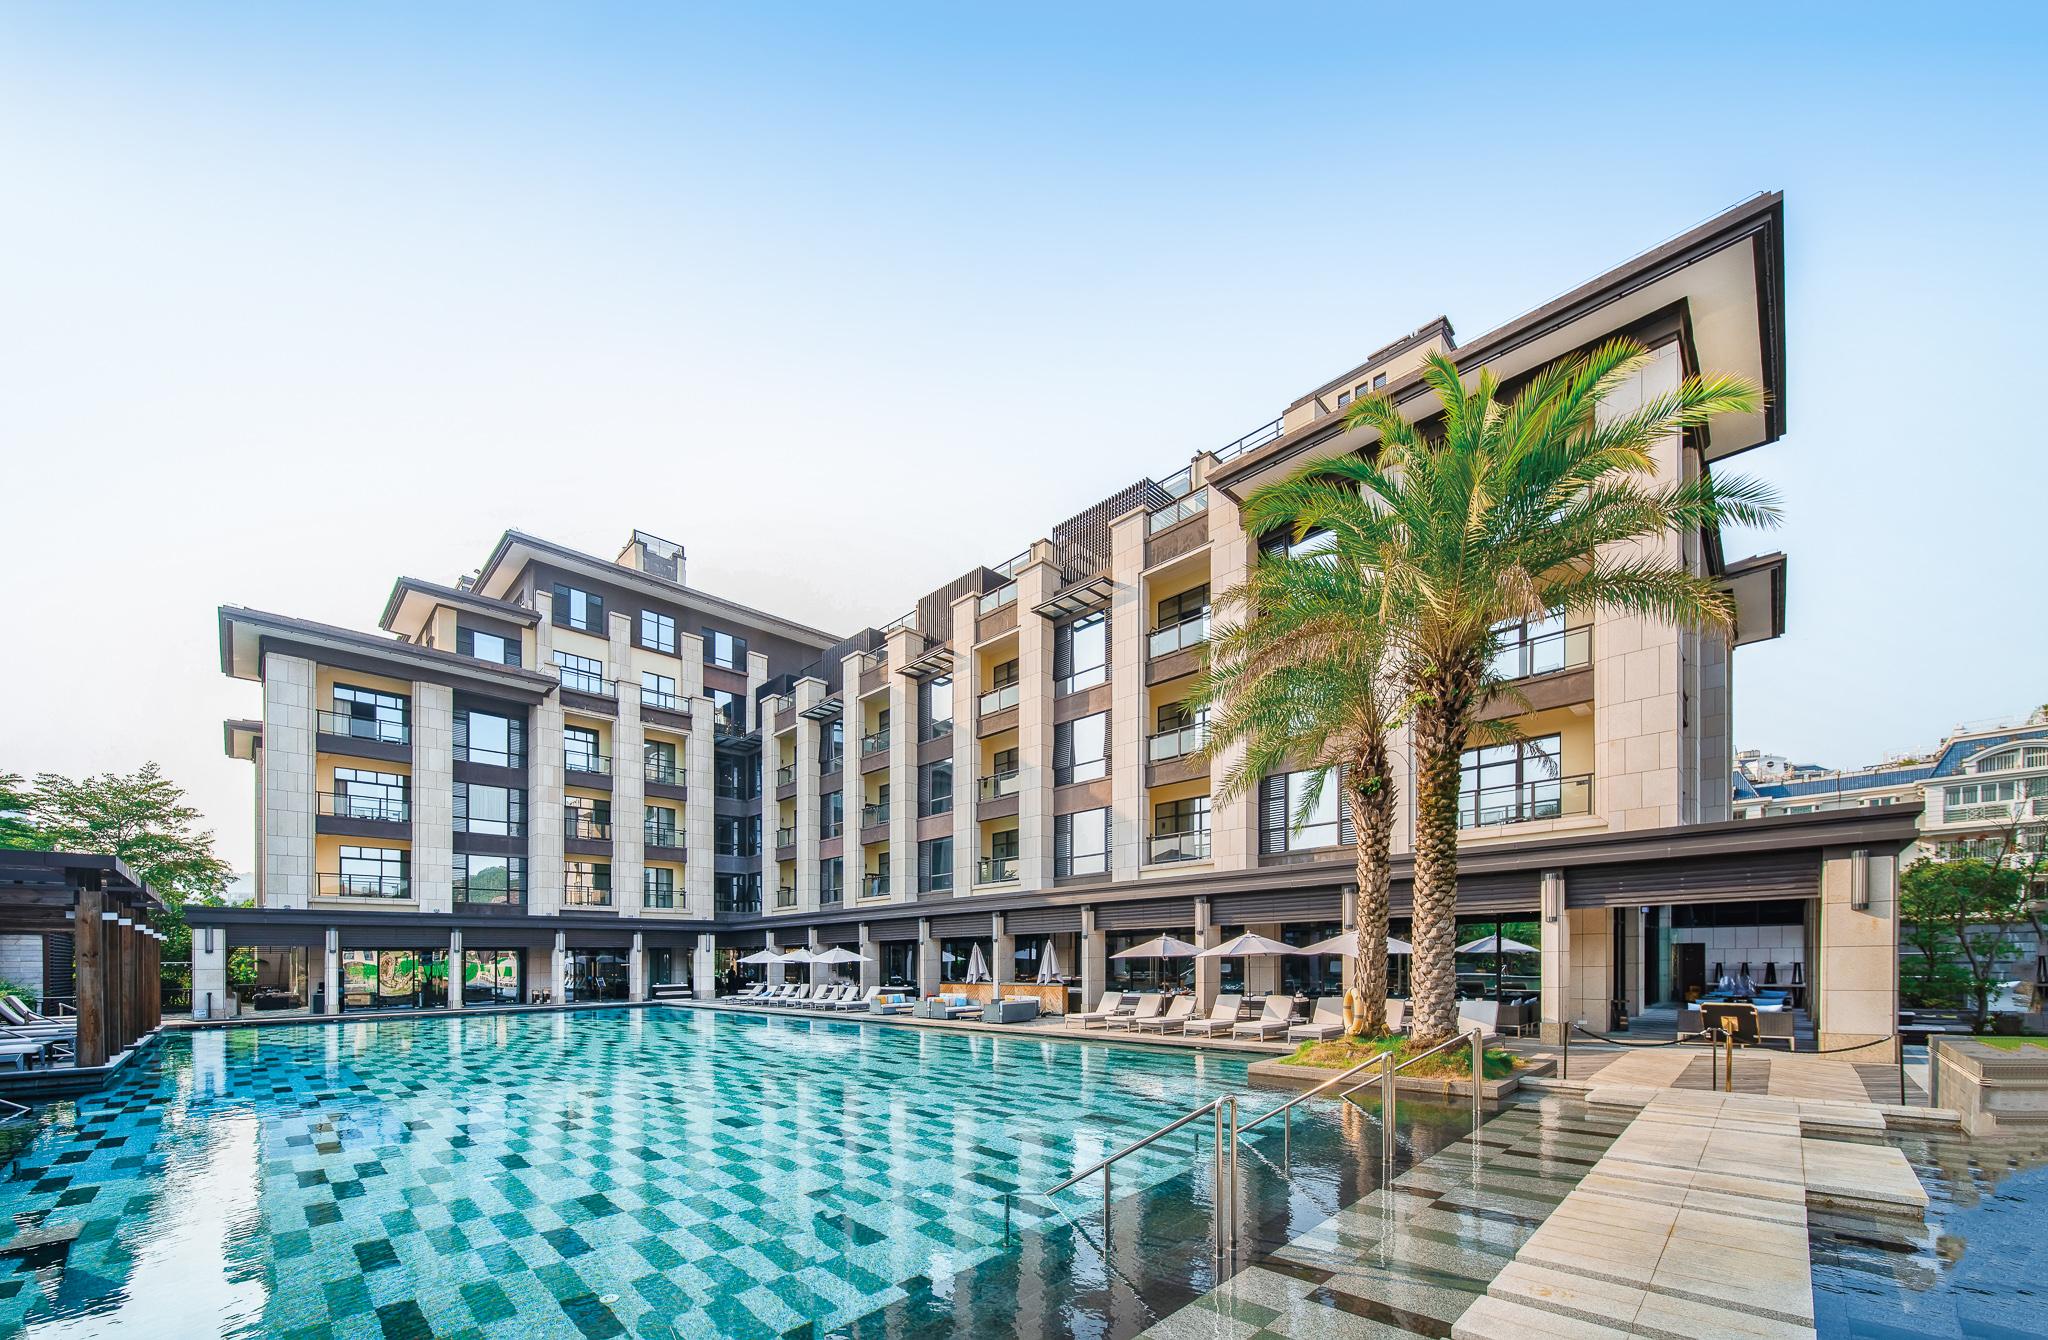 Hotel & Resort Villas